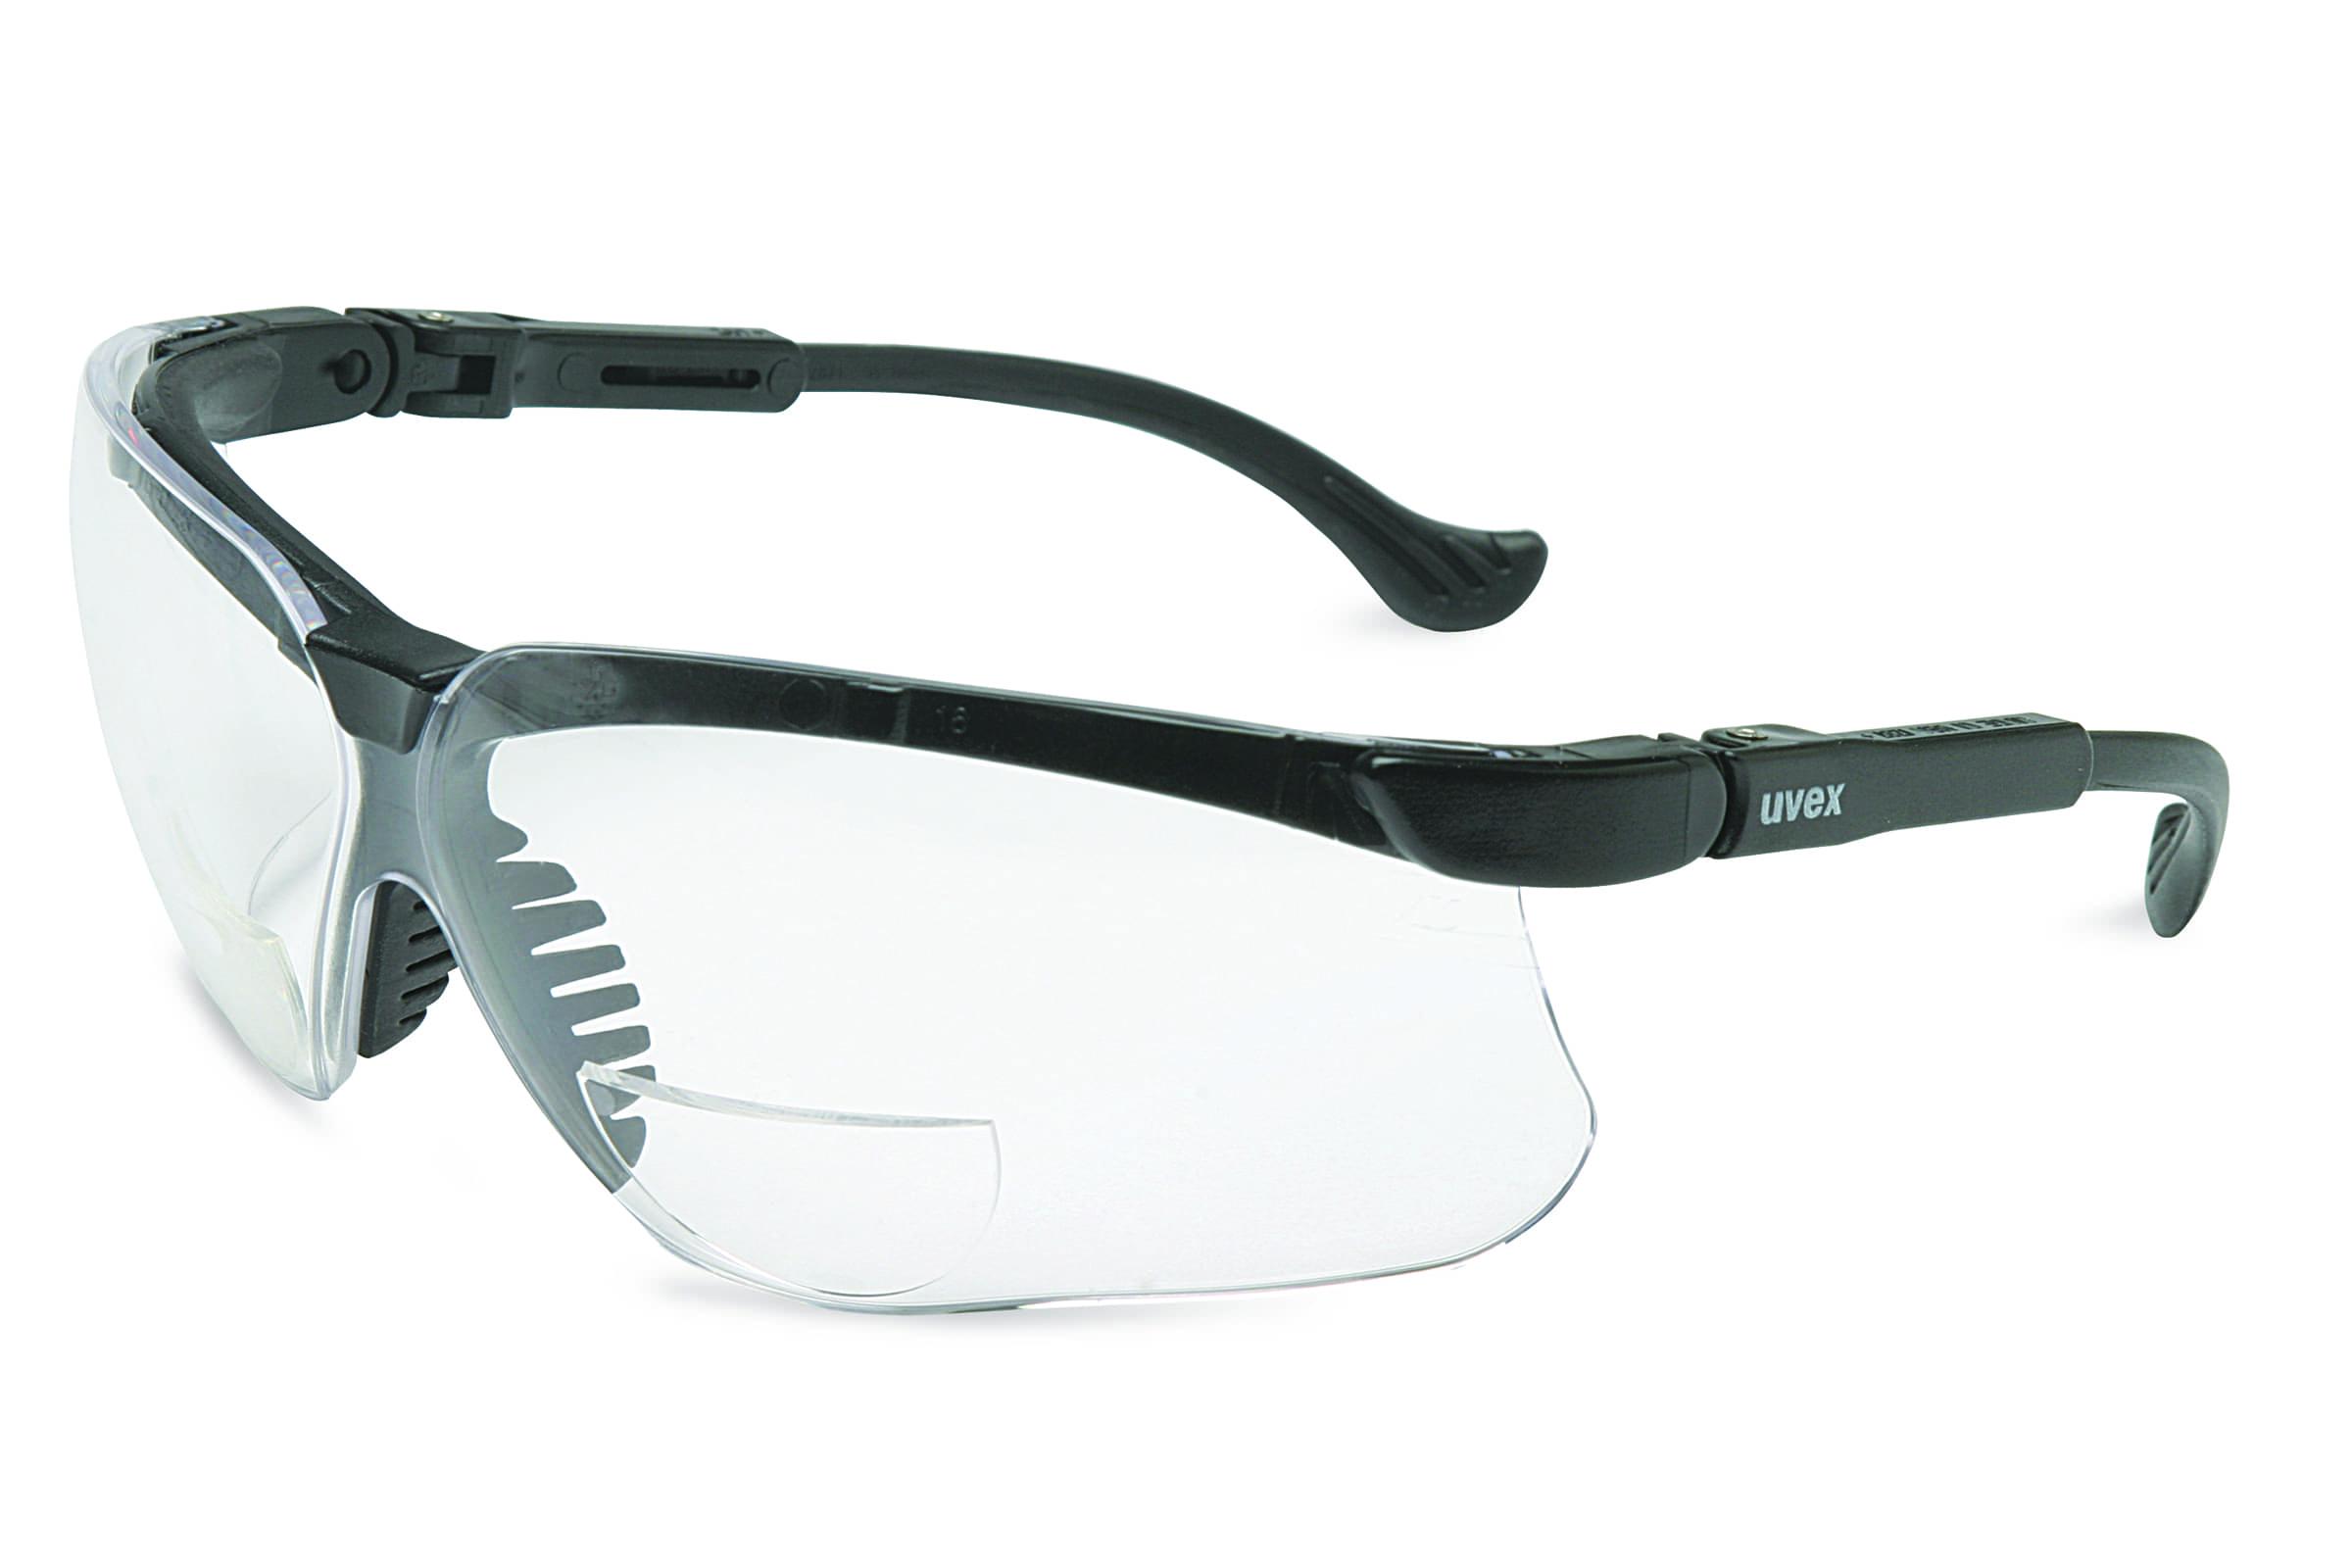 Uvex Genesis Glasses Magnifier + 1 Black Frame